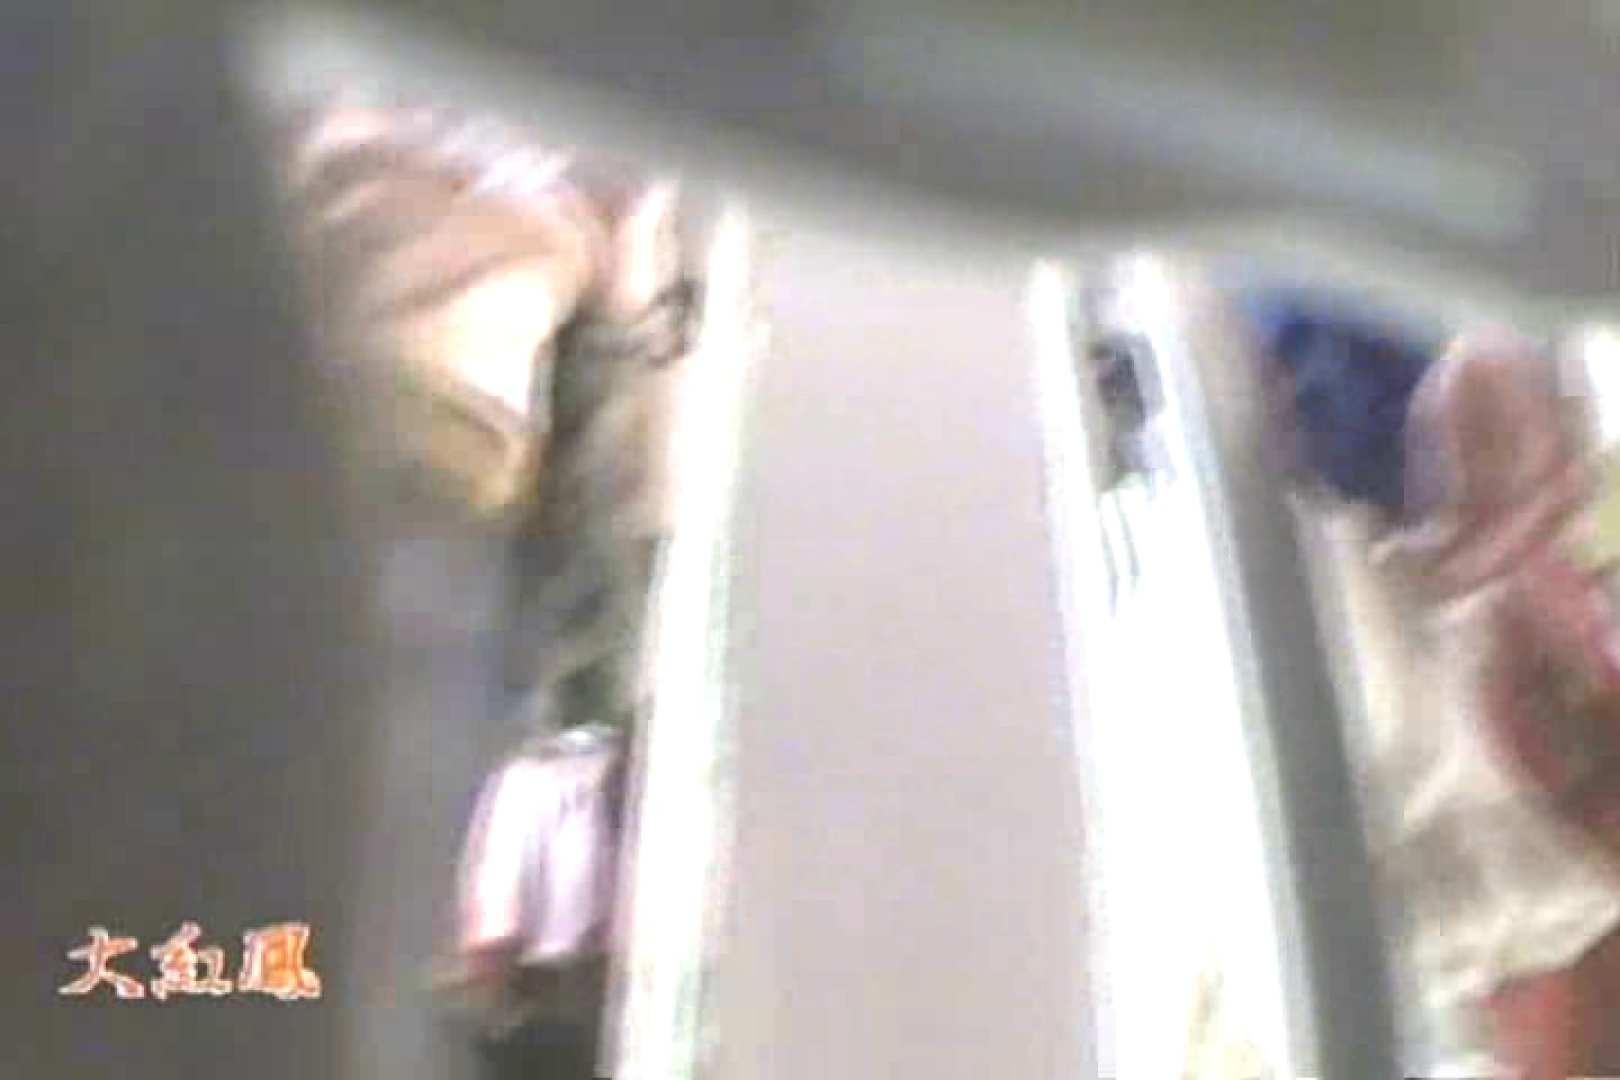 究極カリスマショップ逆さ撮り 完全保存版02 チラ | 0  103画像 17